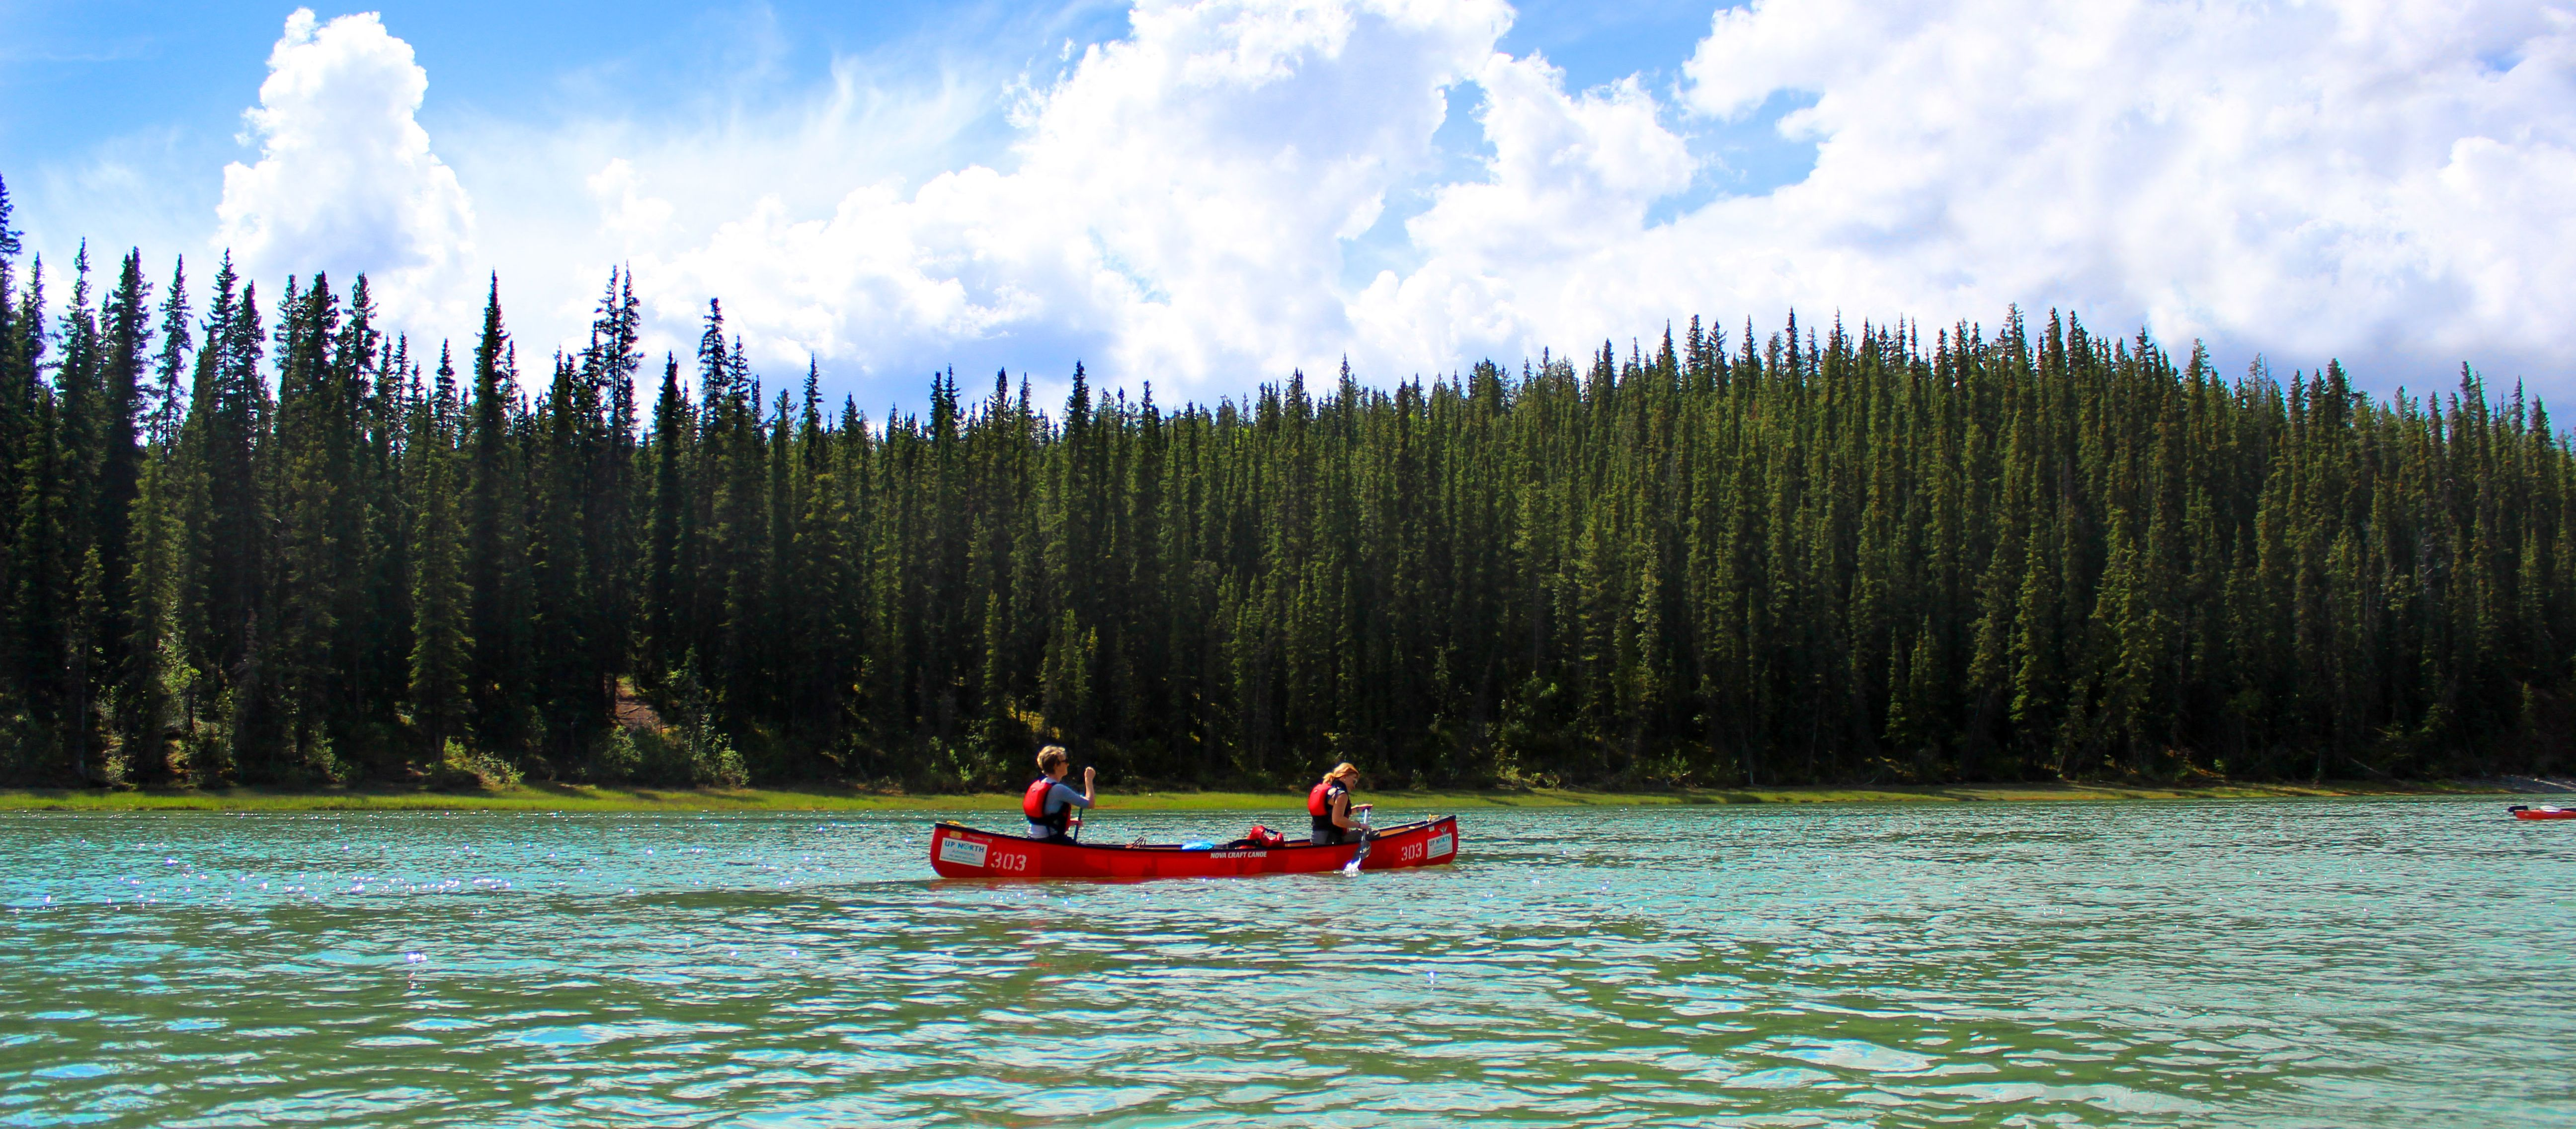 Kanutour auf dem Yukon River im Yukon Territory